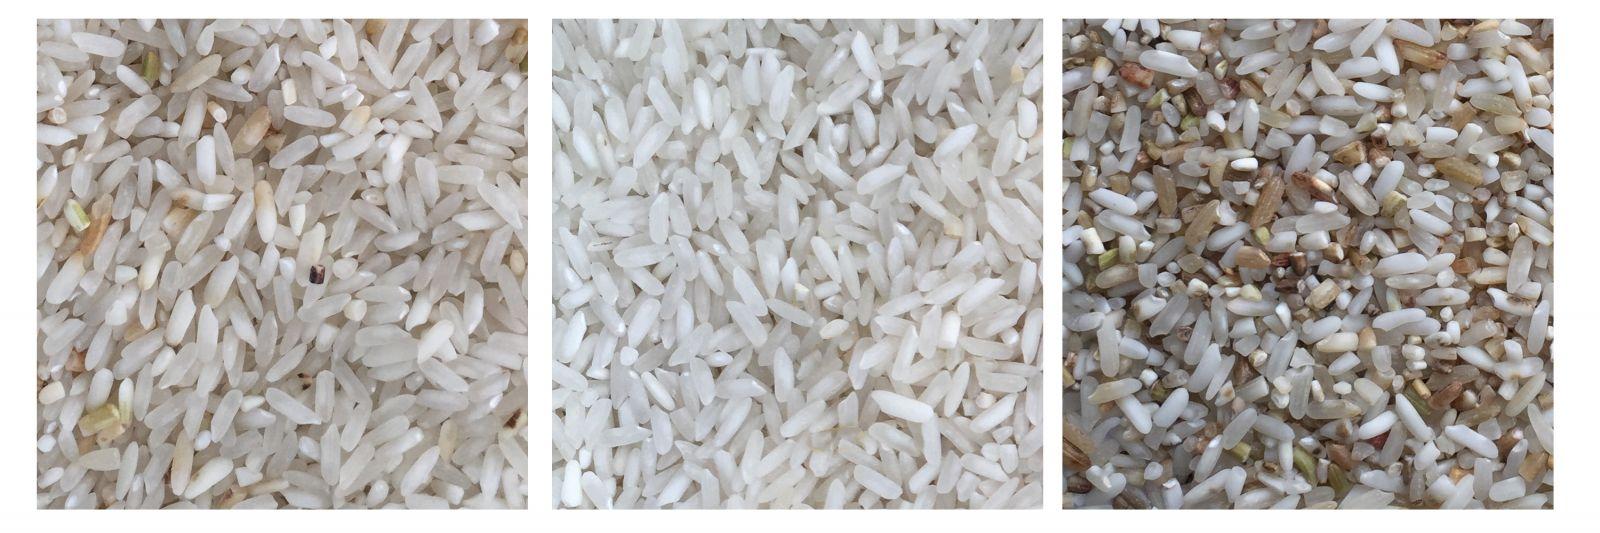 Chế độ tách gạo séng cù